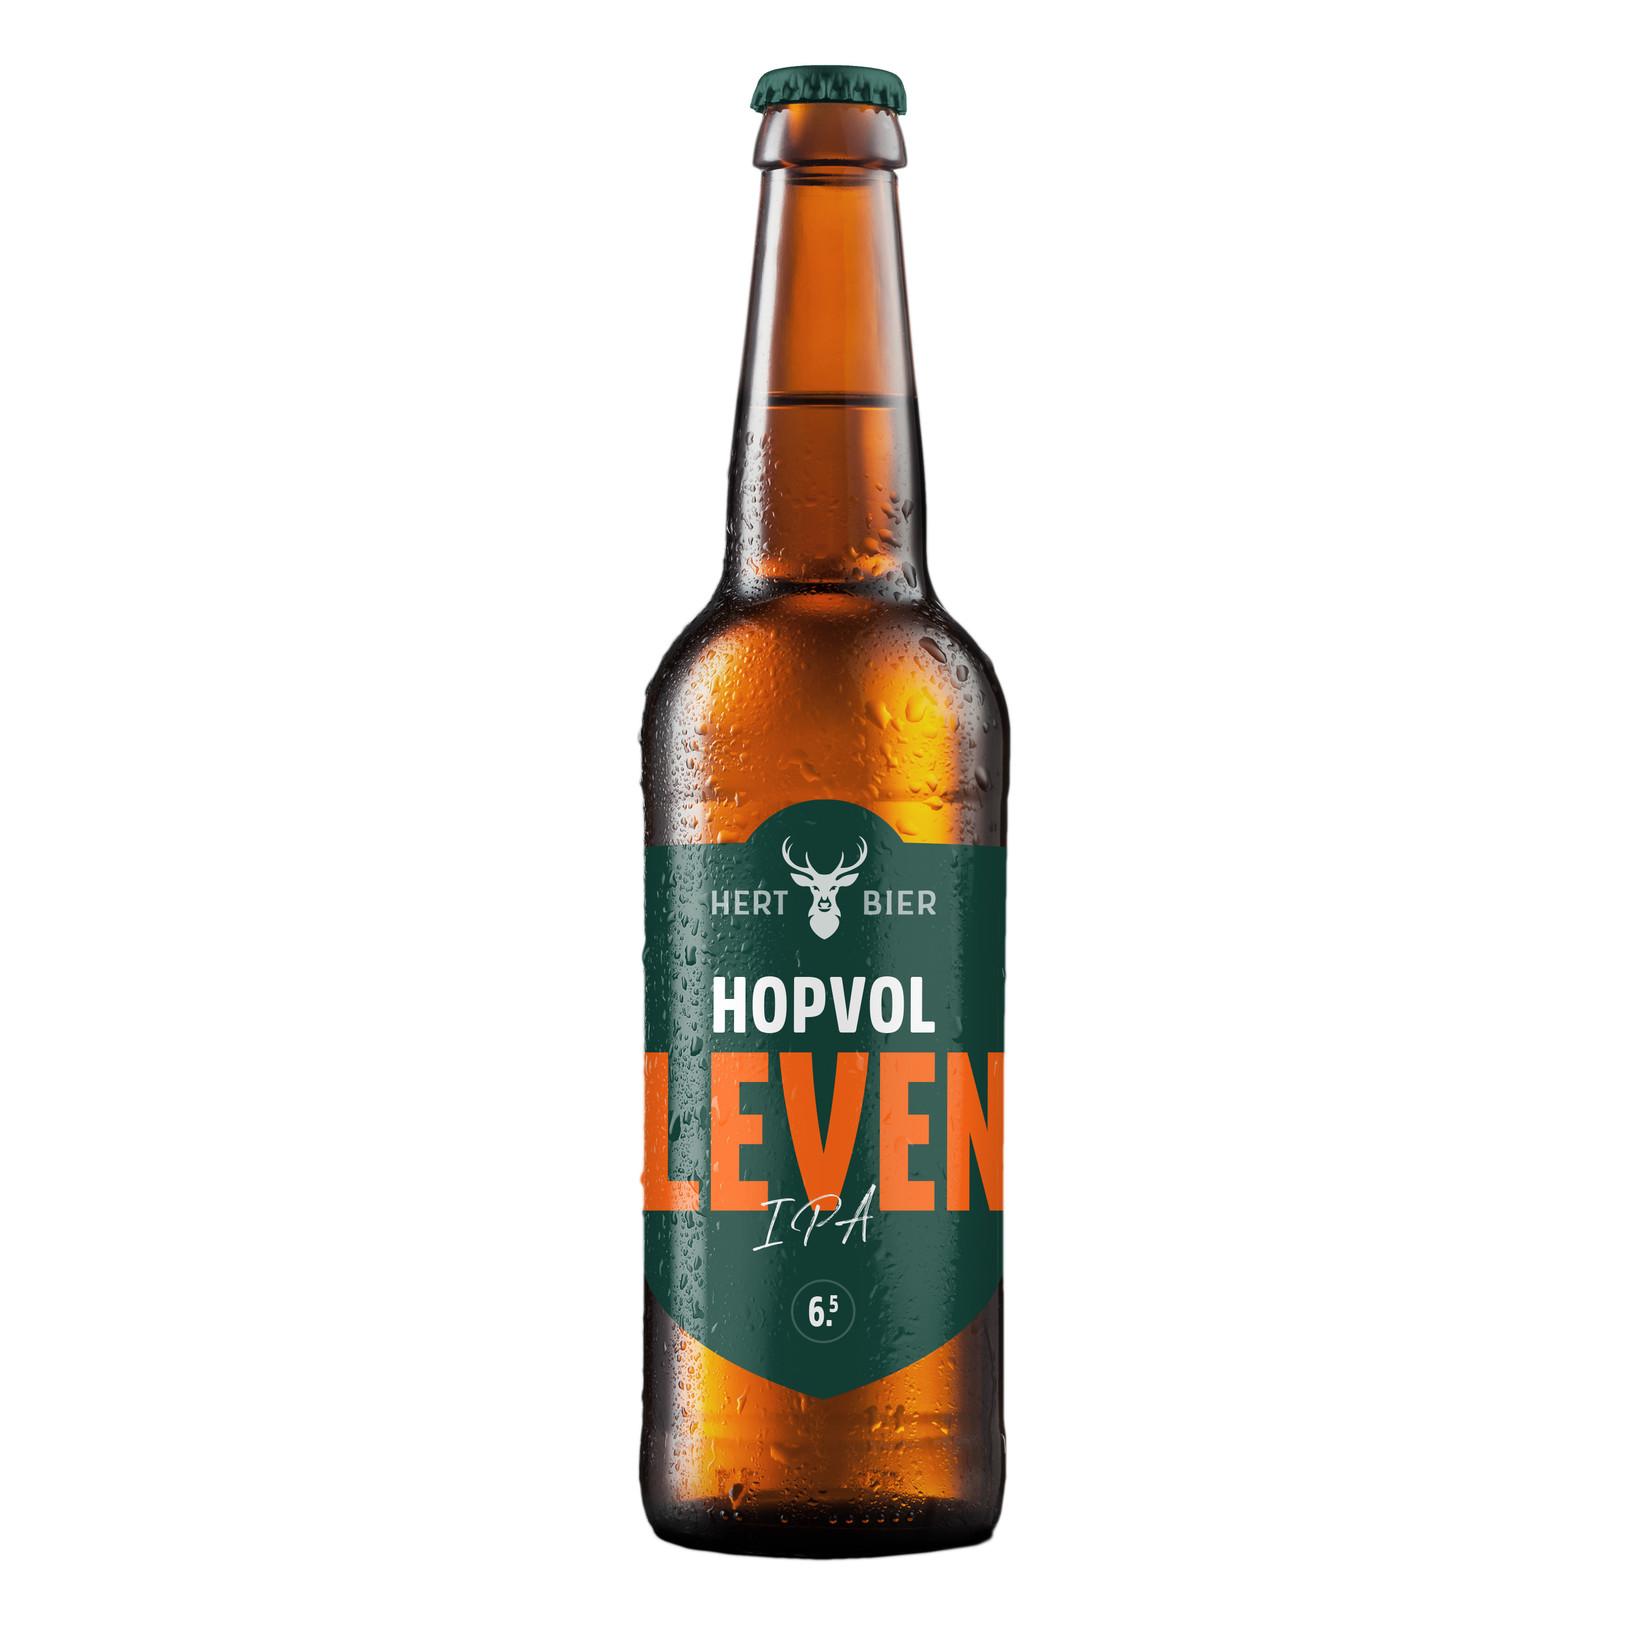 Hert Bier Hopvol Leven - 6,5%